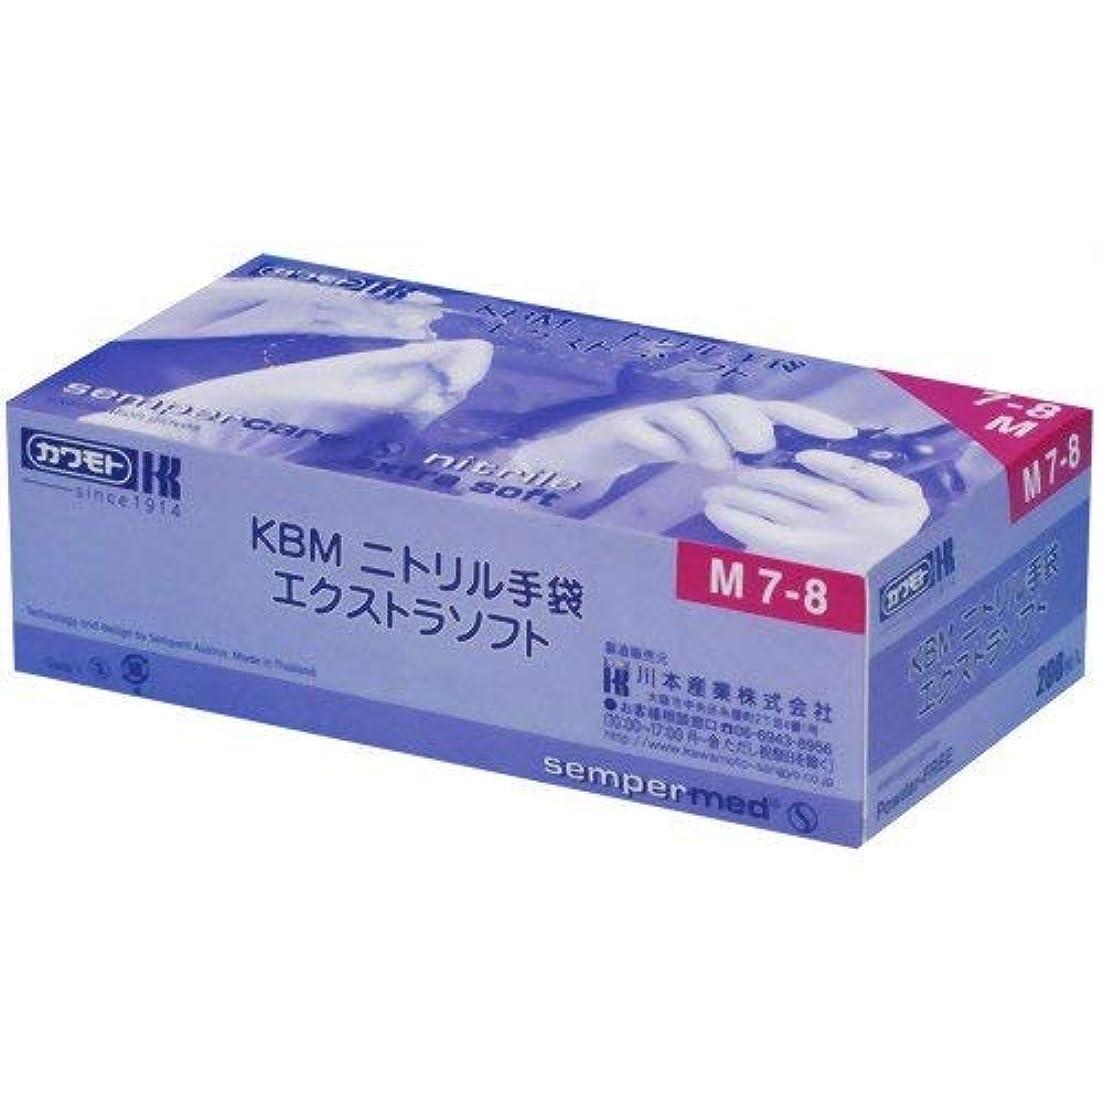 重さキャンバス旅川本産業 KBMニトリル手袋 エクストラソフト S 200枚入 × 48個セット